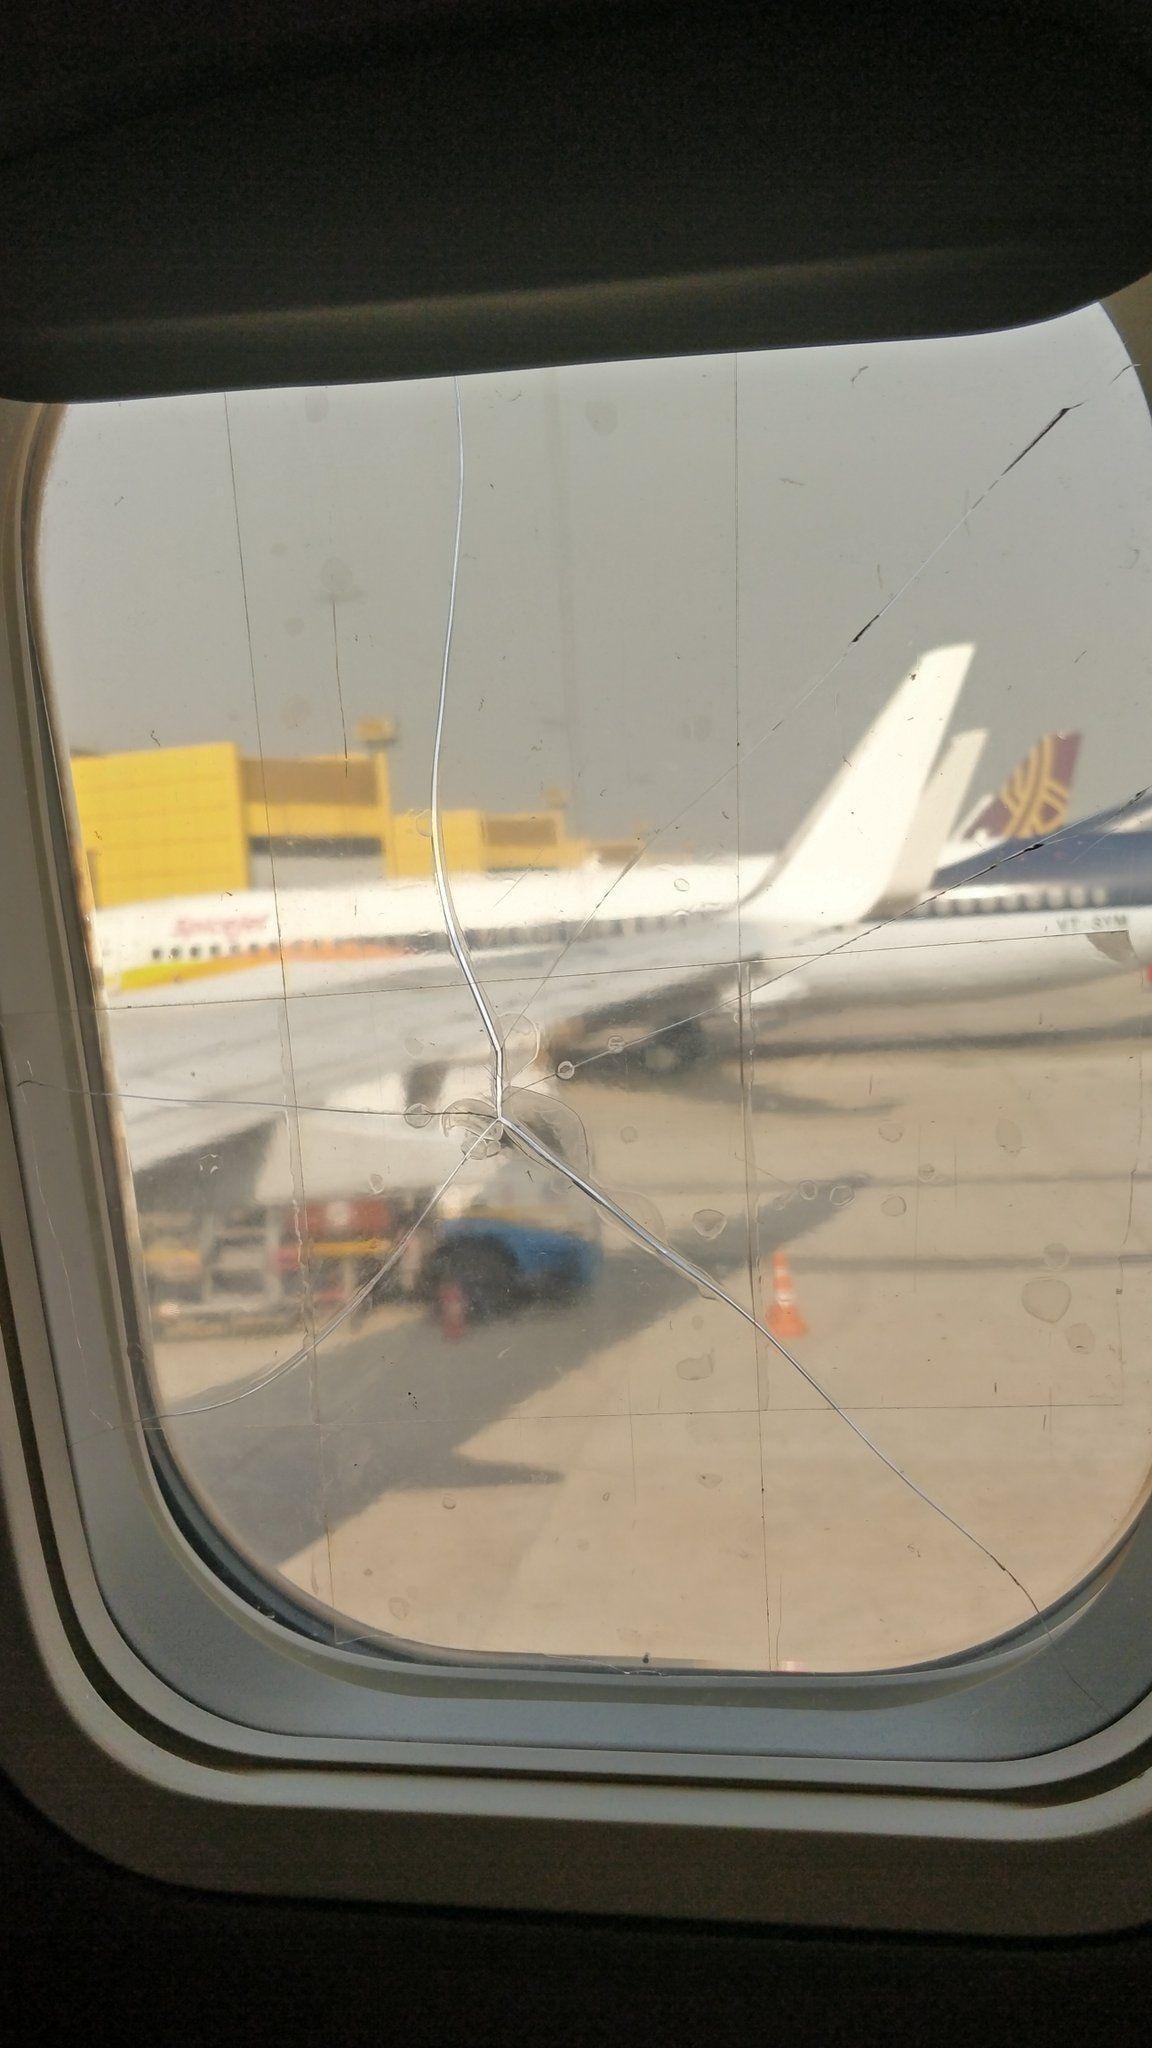 客舱玻璃用透明胶修复? 香料航空道歉